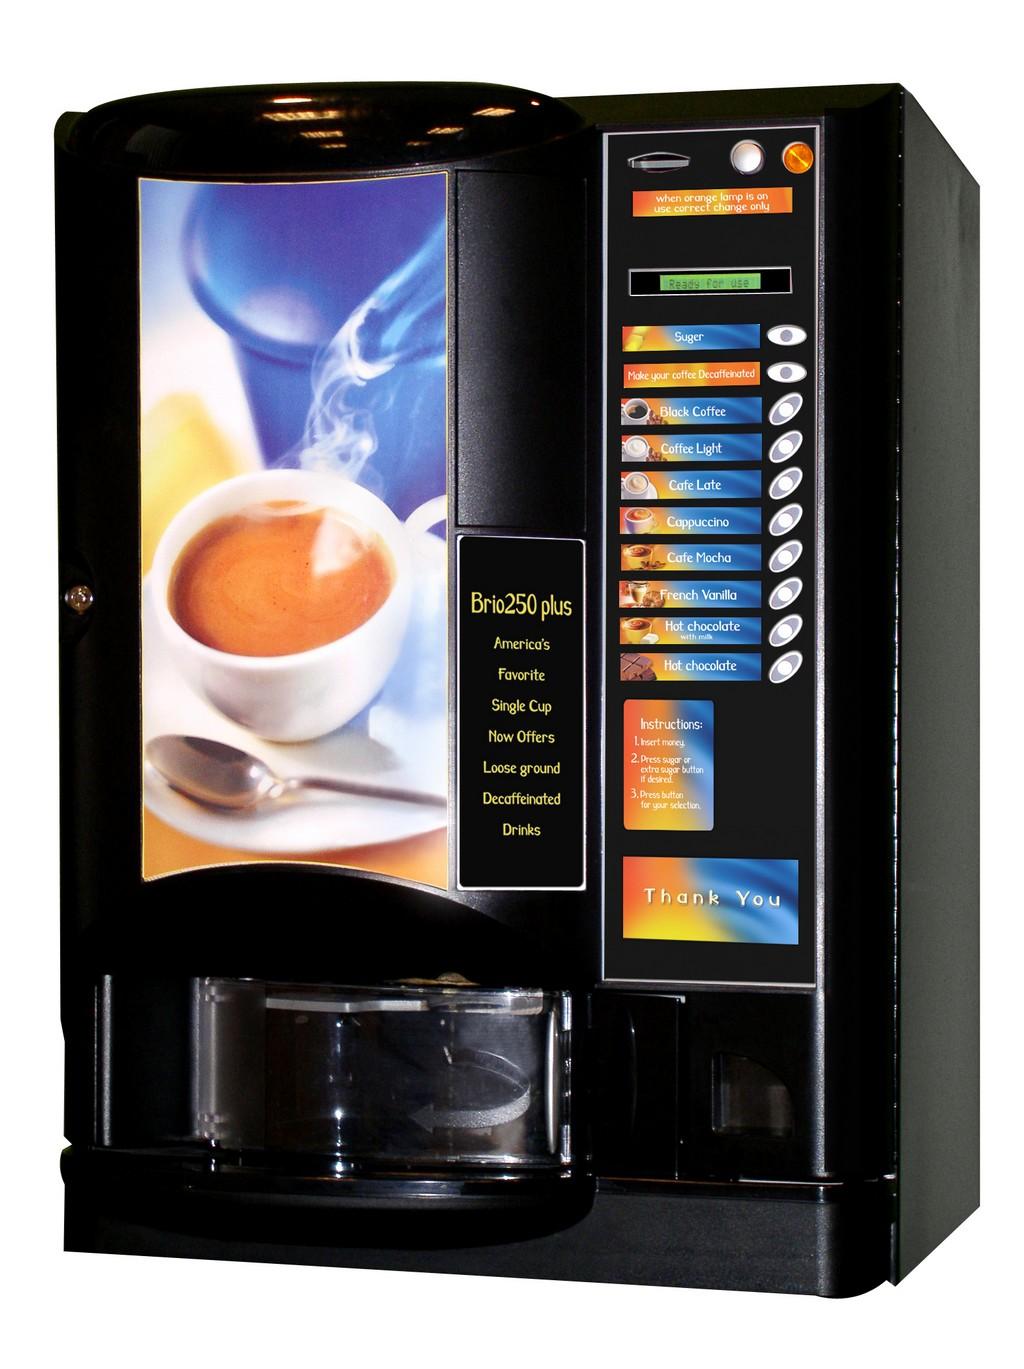 Vending machine Manual Vendo 7600 Free Download of Vending